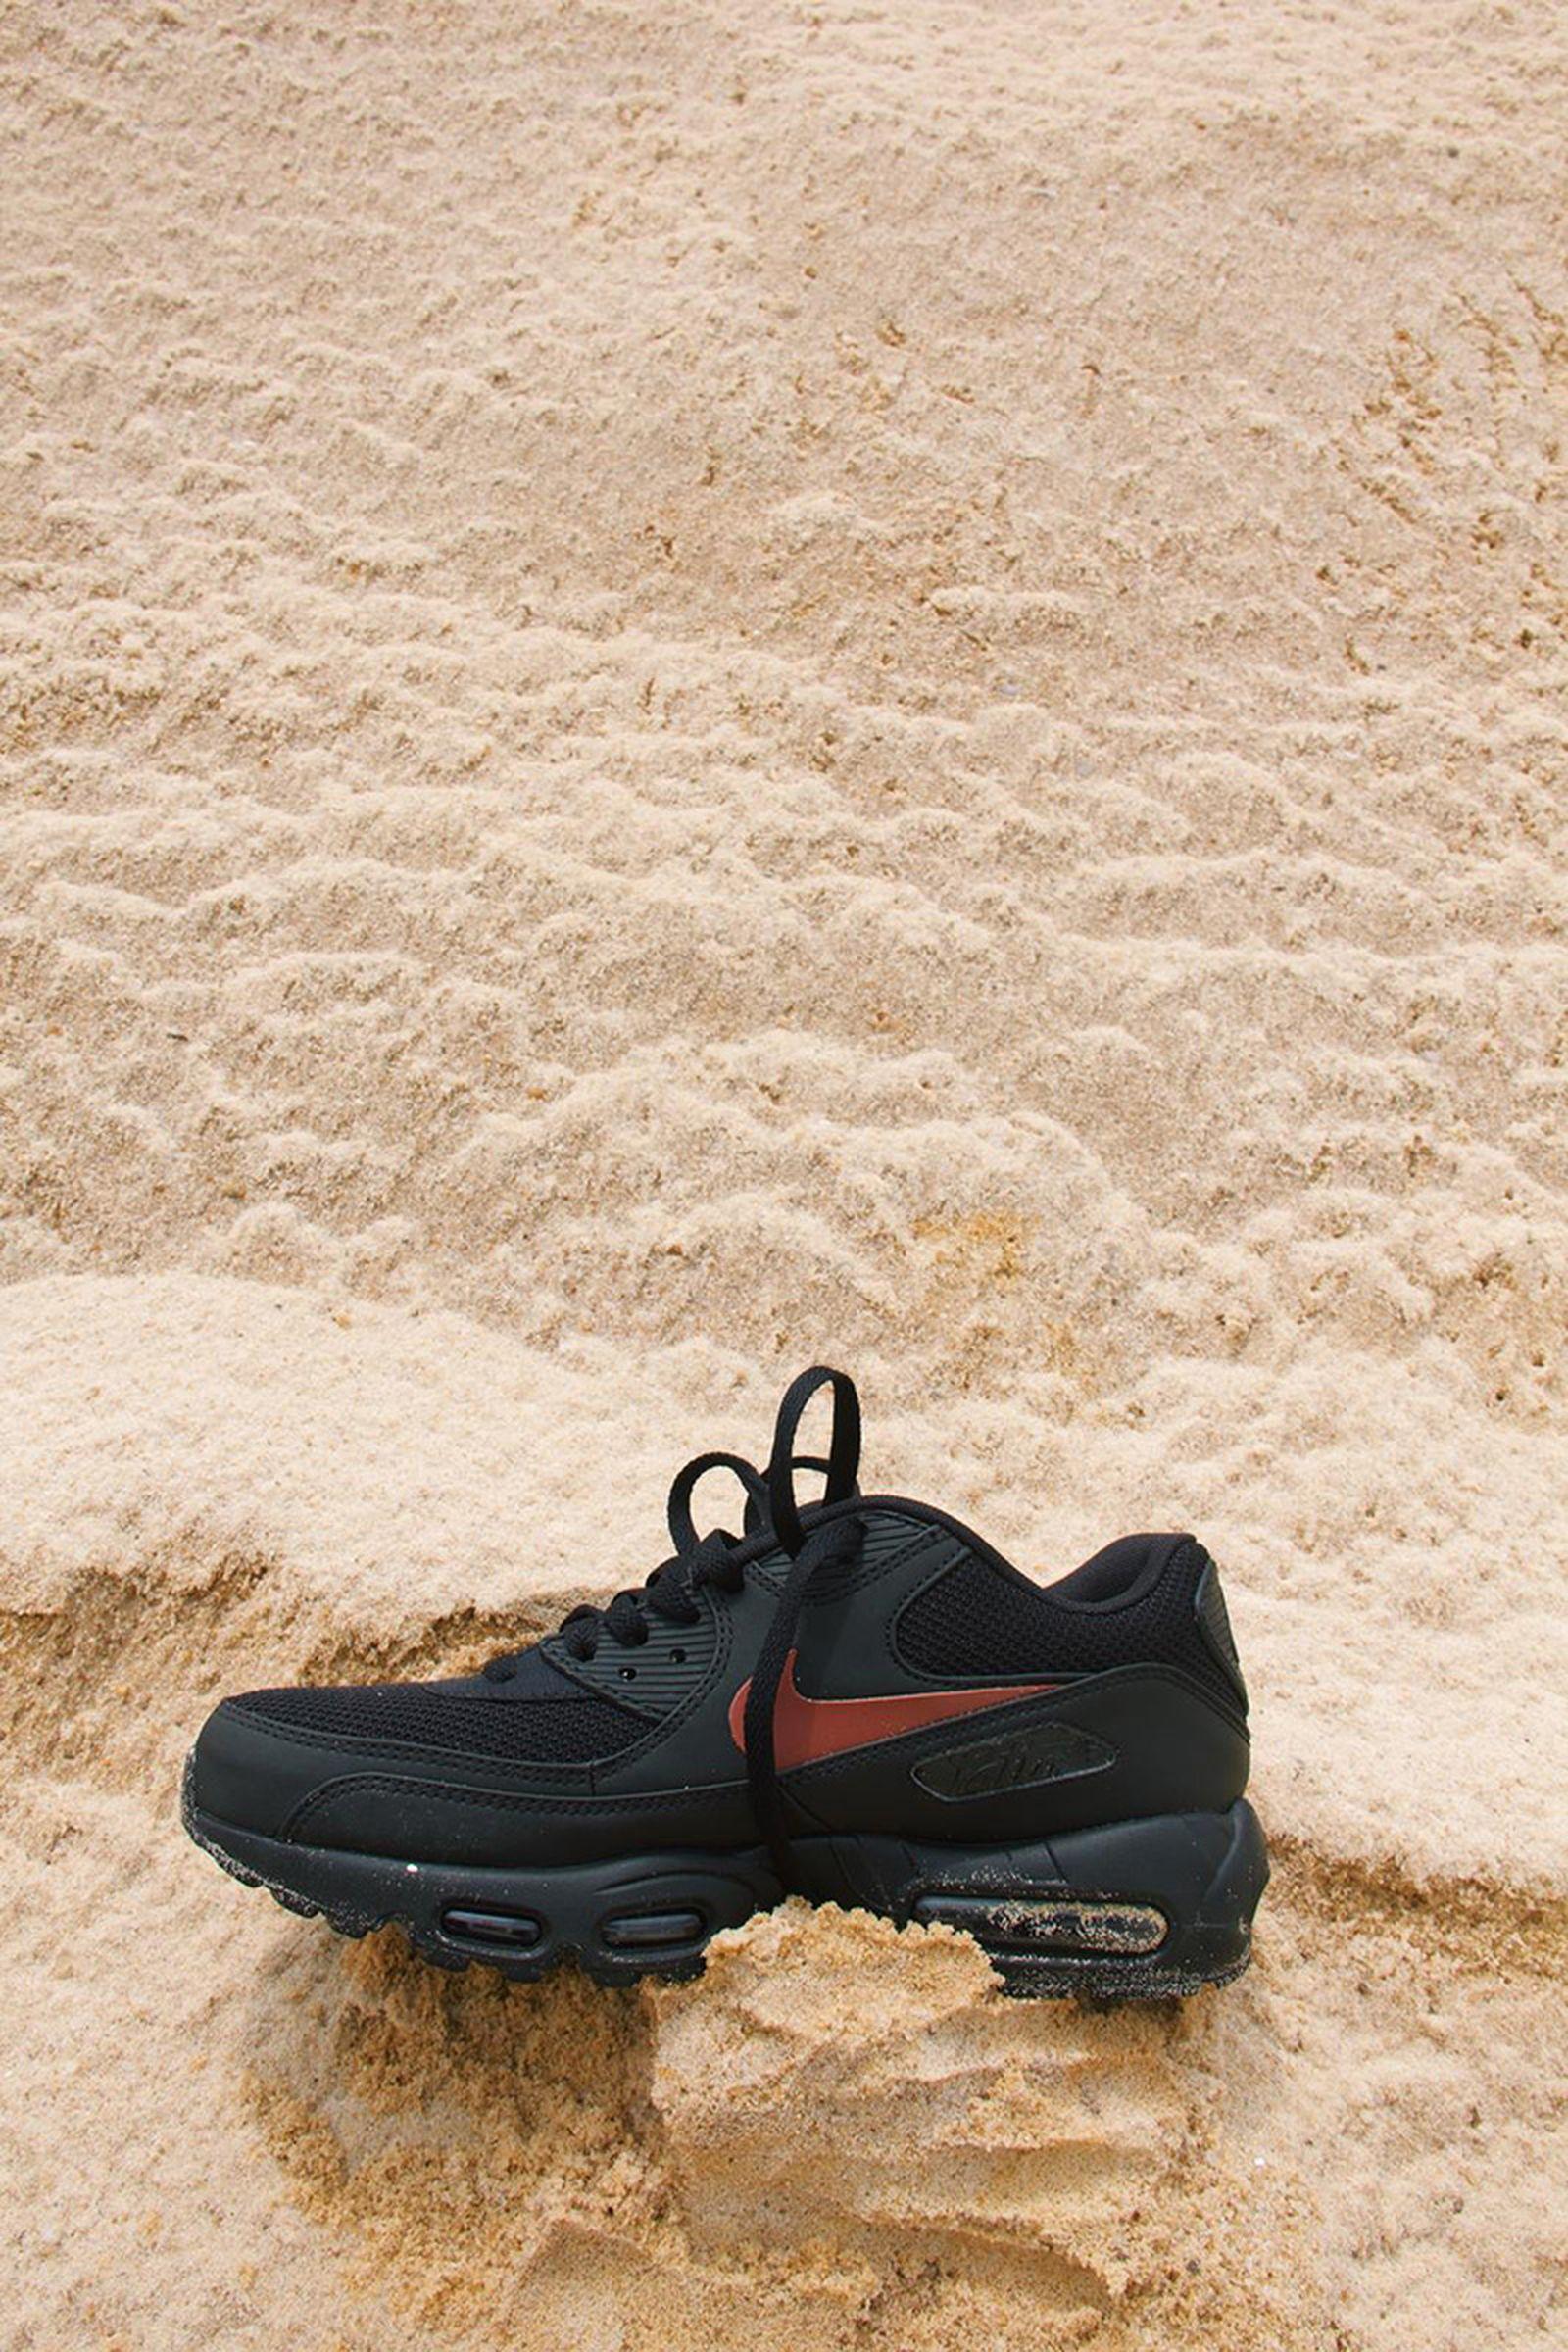 Multiplicación Faceta apretado  Patta x Nike's New Capsule Features a Wild Air Max Hybrid